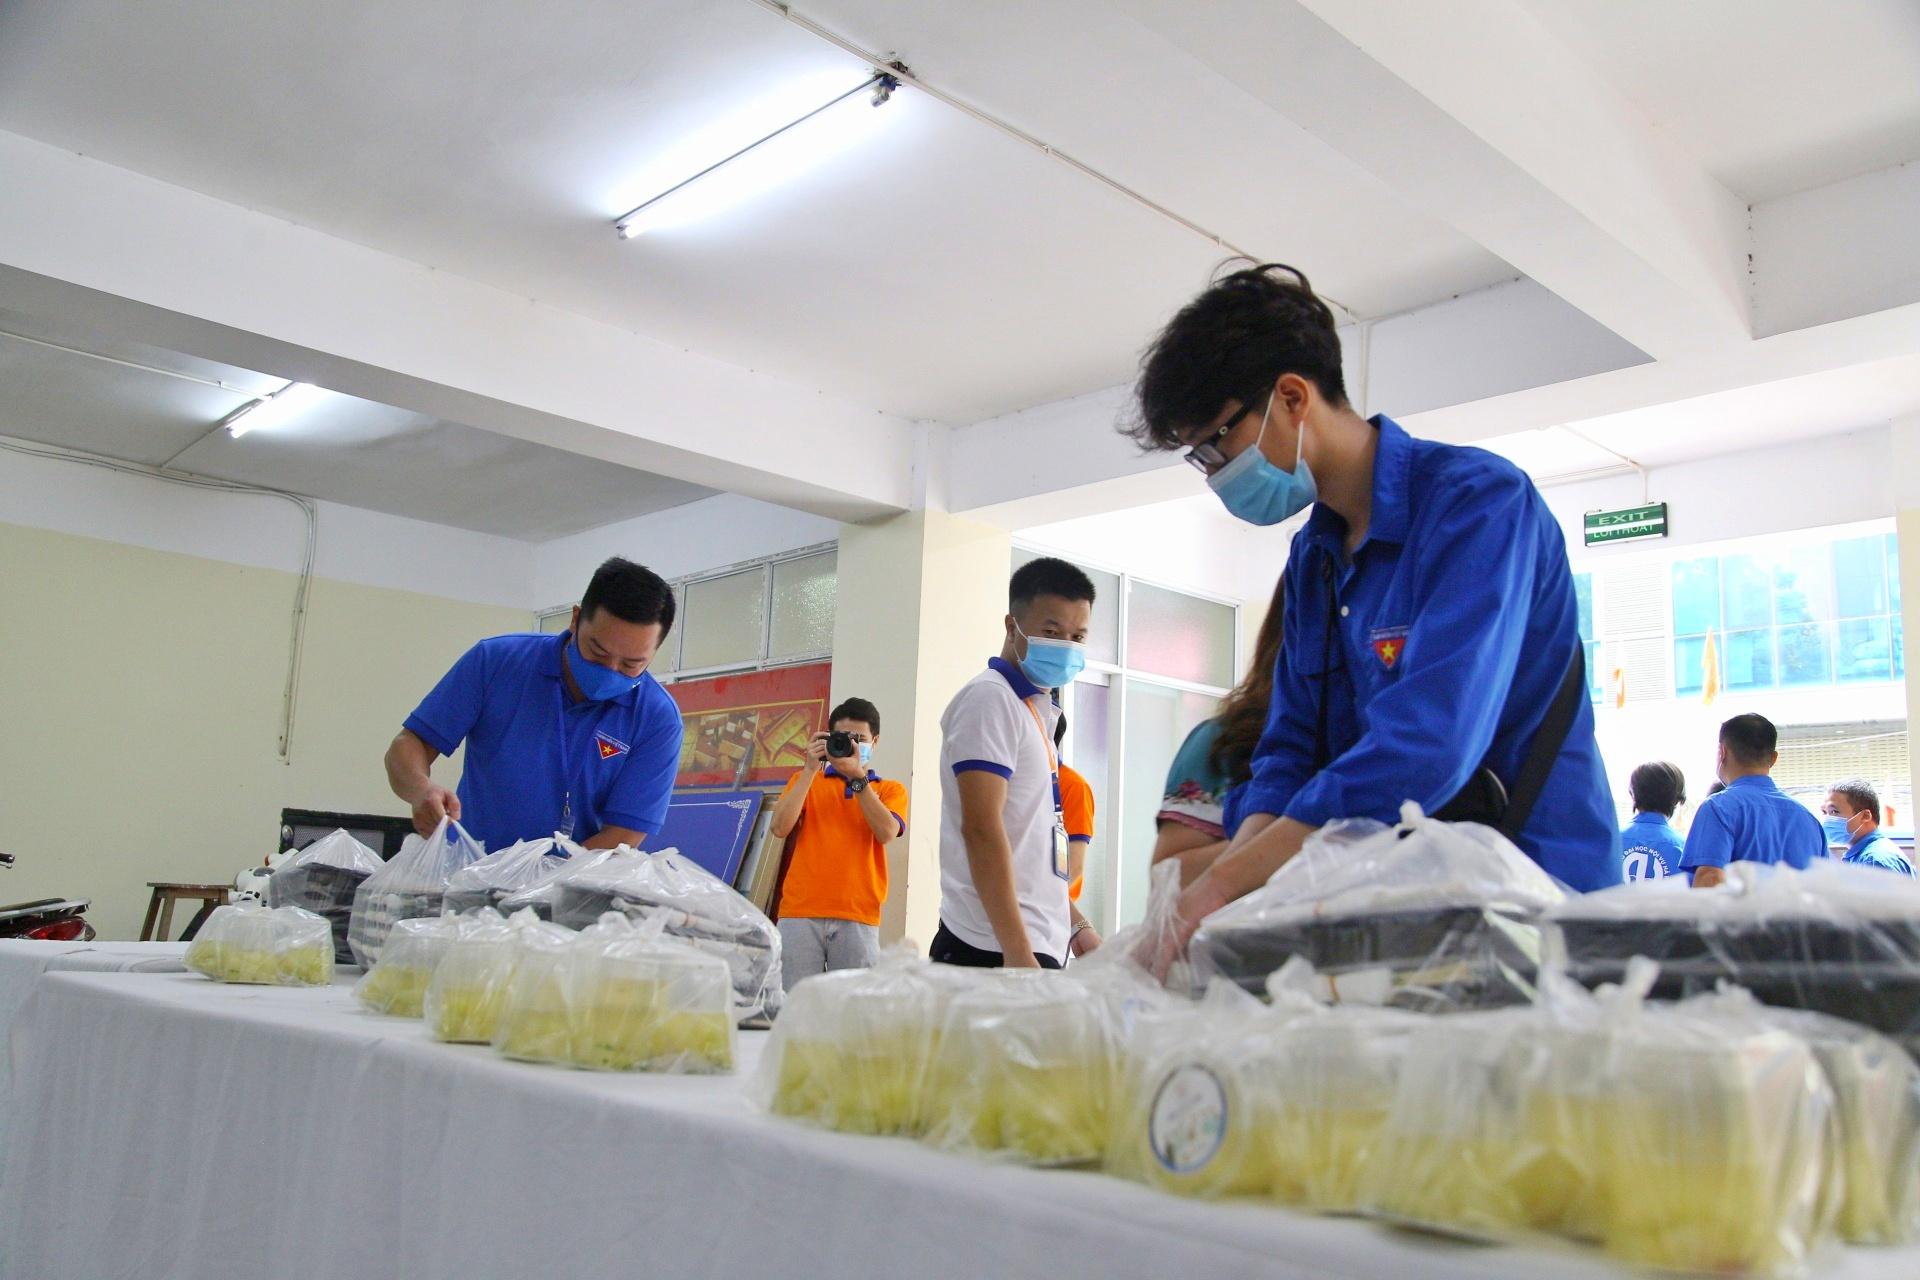 """""""Food Banks Việt Nam hi vọng sẽ còn phát triển lâu dài, tuy nhiên trong tình hình dịch bệnh hiện nay chúng tôi ưu tiên cho các hoạt động về hỗ trợ các suất ăn, thực phẩm… Sau khi hết dịch, chúng tôi sẽ tiếp tục các chương trình hỗ trợ người nghèo cũng như hỗ trợ hệ thống thực phẩm lâu dài tại Việt Nam"""", đại diện Food Banks cho biết."""